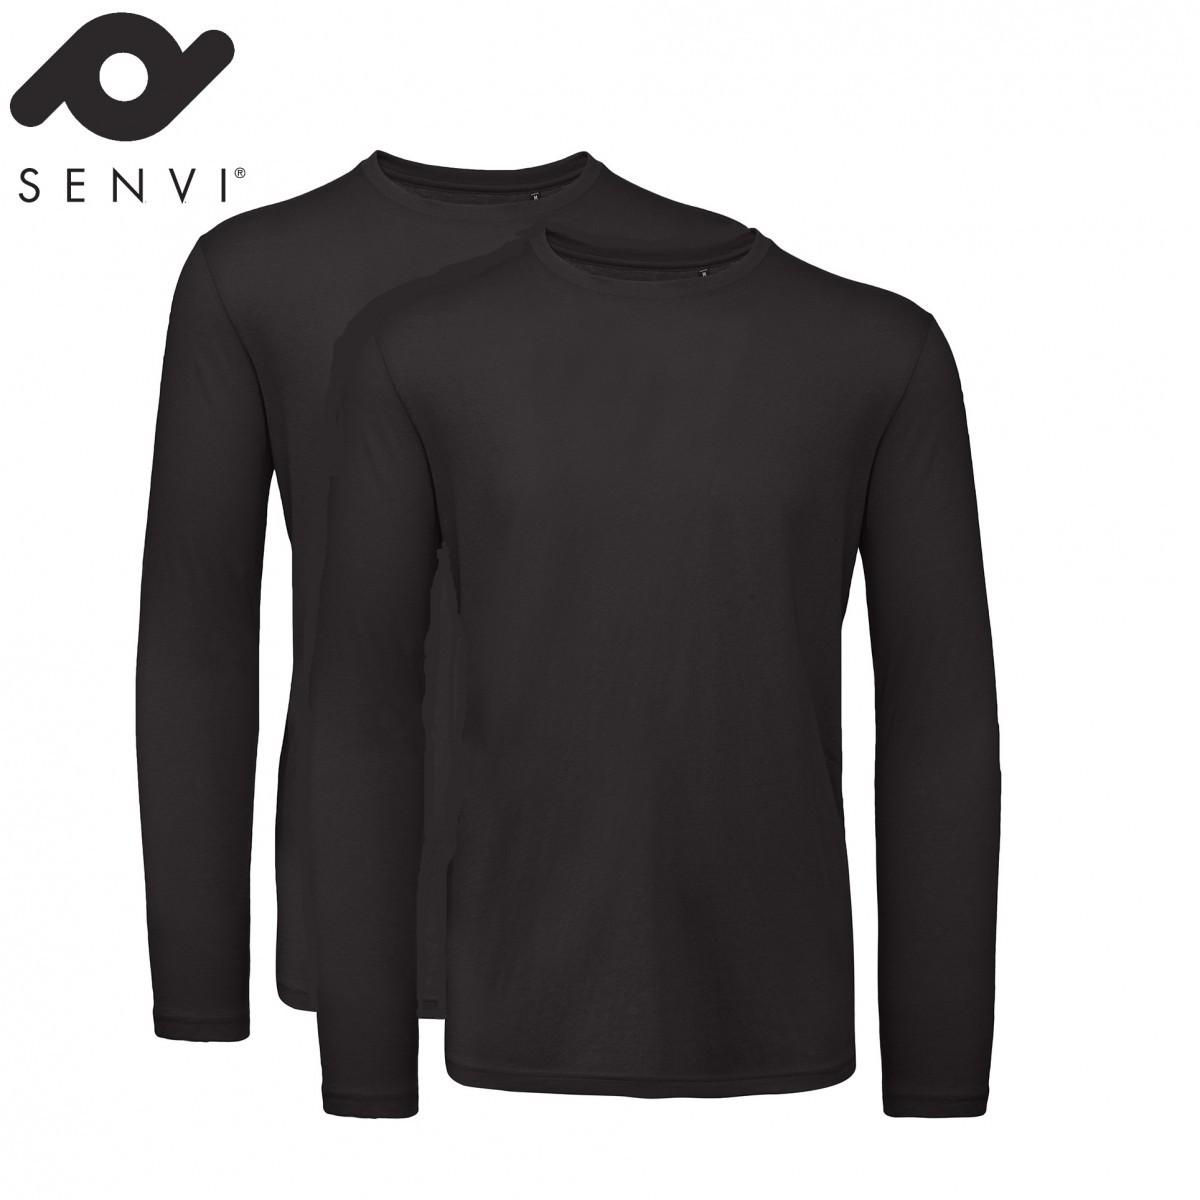 Senvi Basic T-shirt 2 pack Lange Mouwen Heren Zwart Maat XL (organisch katoen)